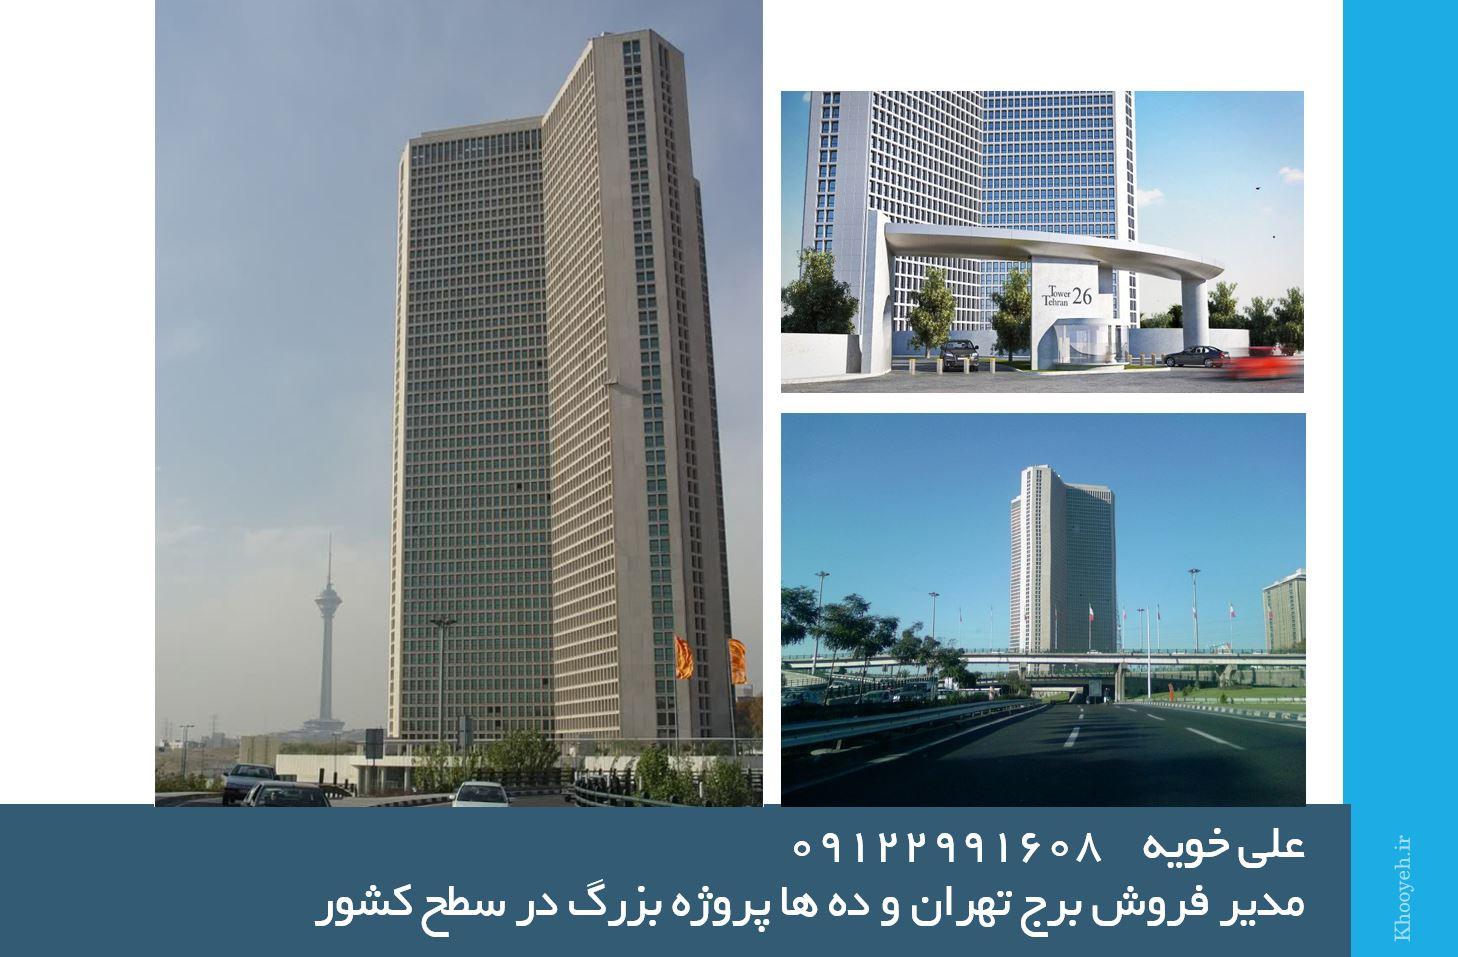 علی خویه 09122991608مدیر فروش برج تهران و ده ها پروژه بزرگ در سطح کشور